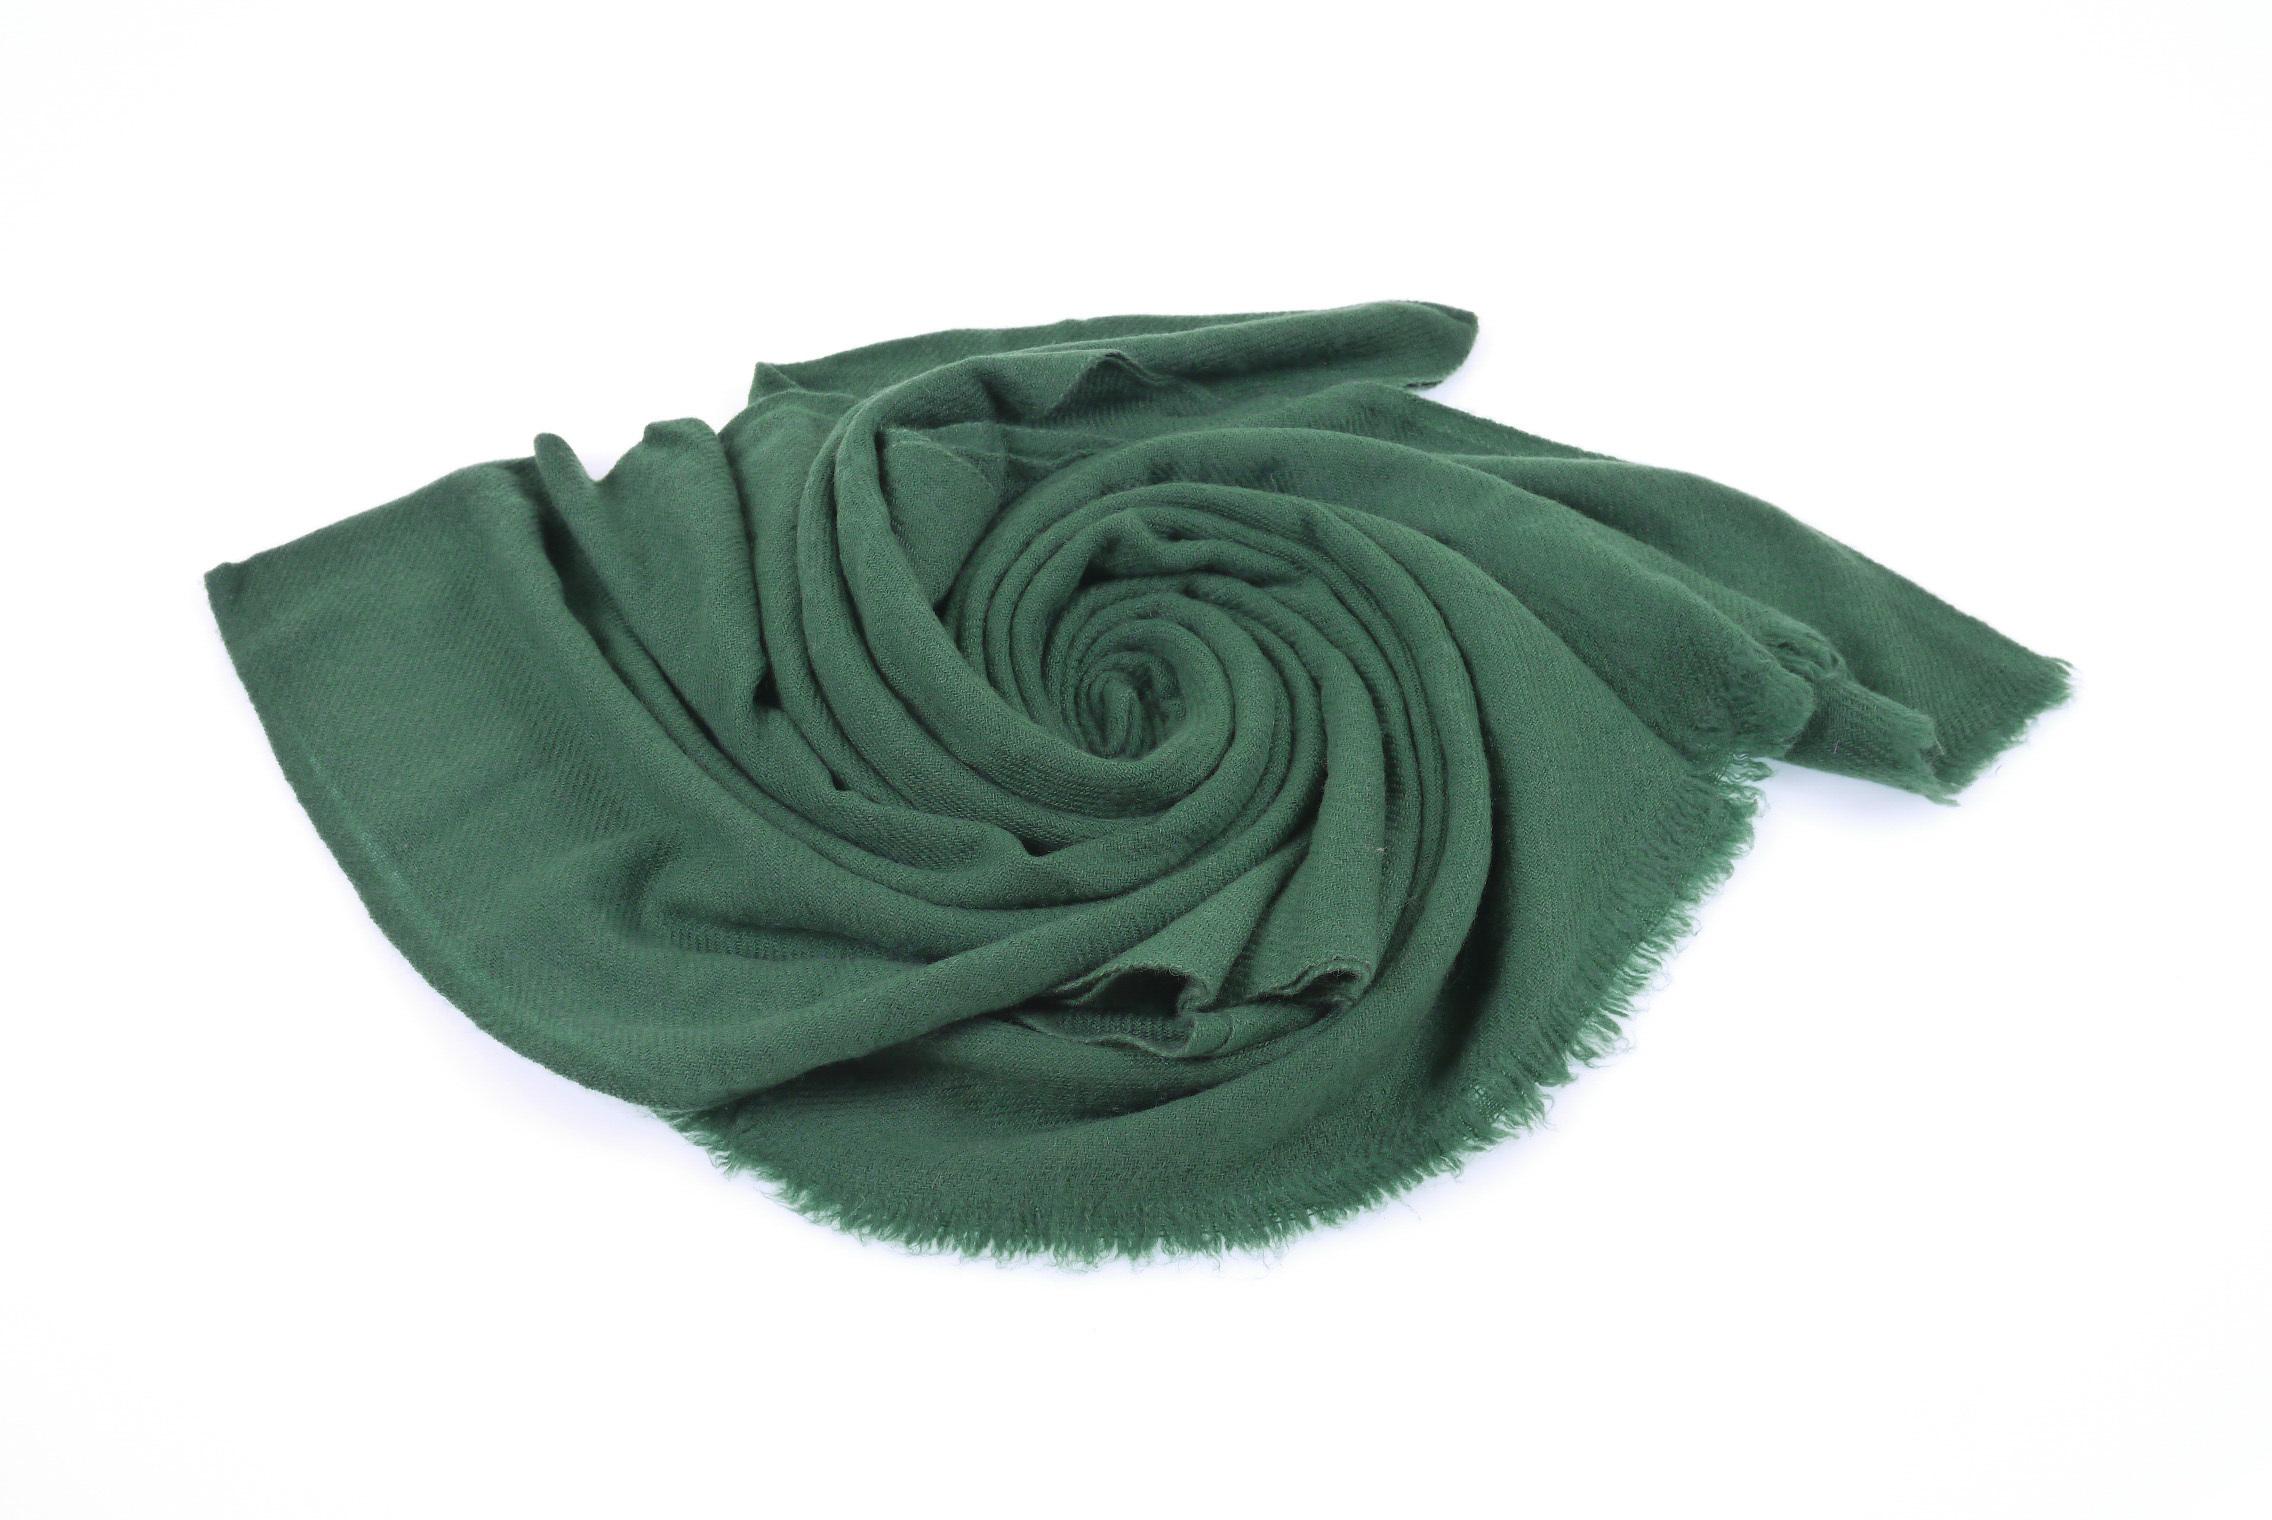 zh喀什米爾圍巾BQCASF0402-10.jpg